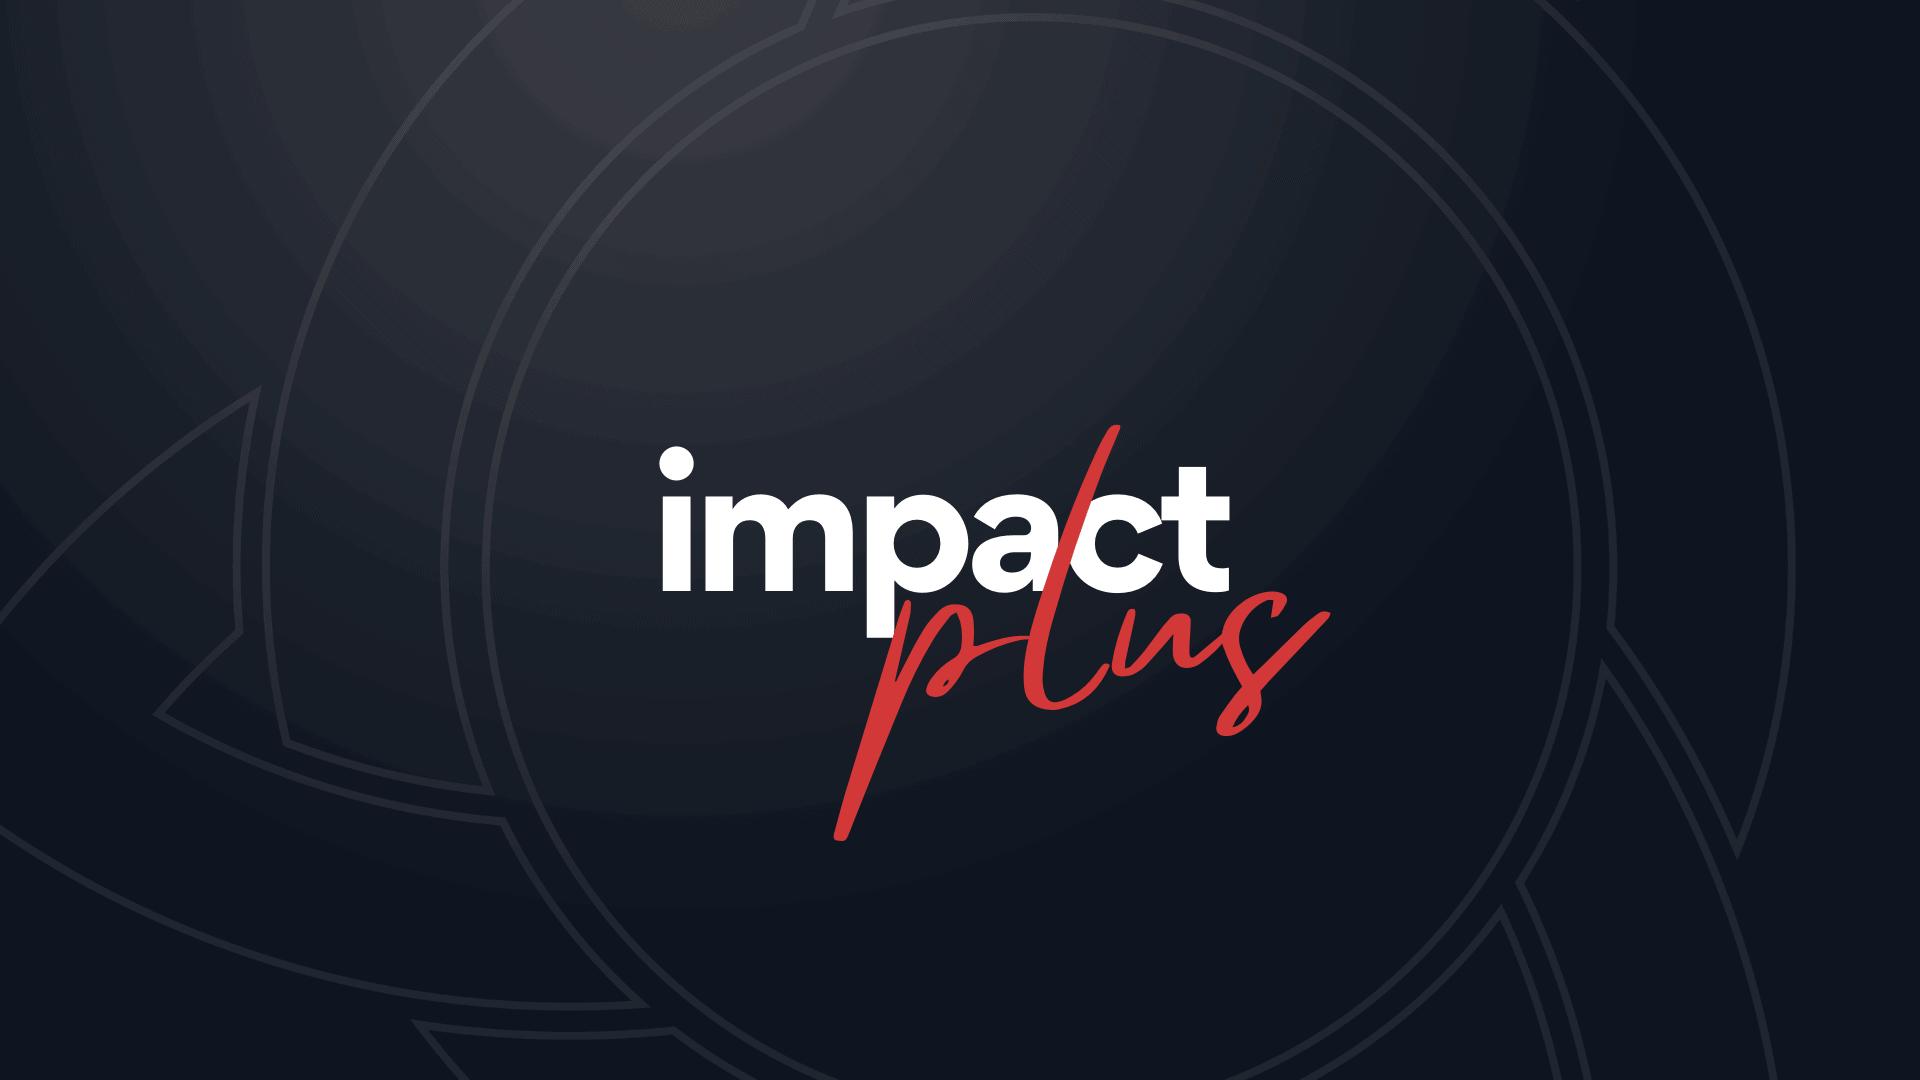 get impact plus